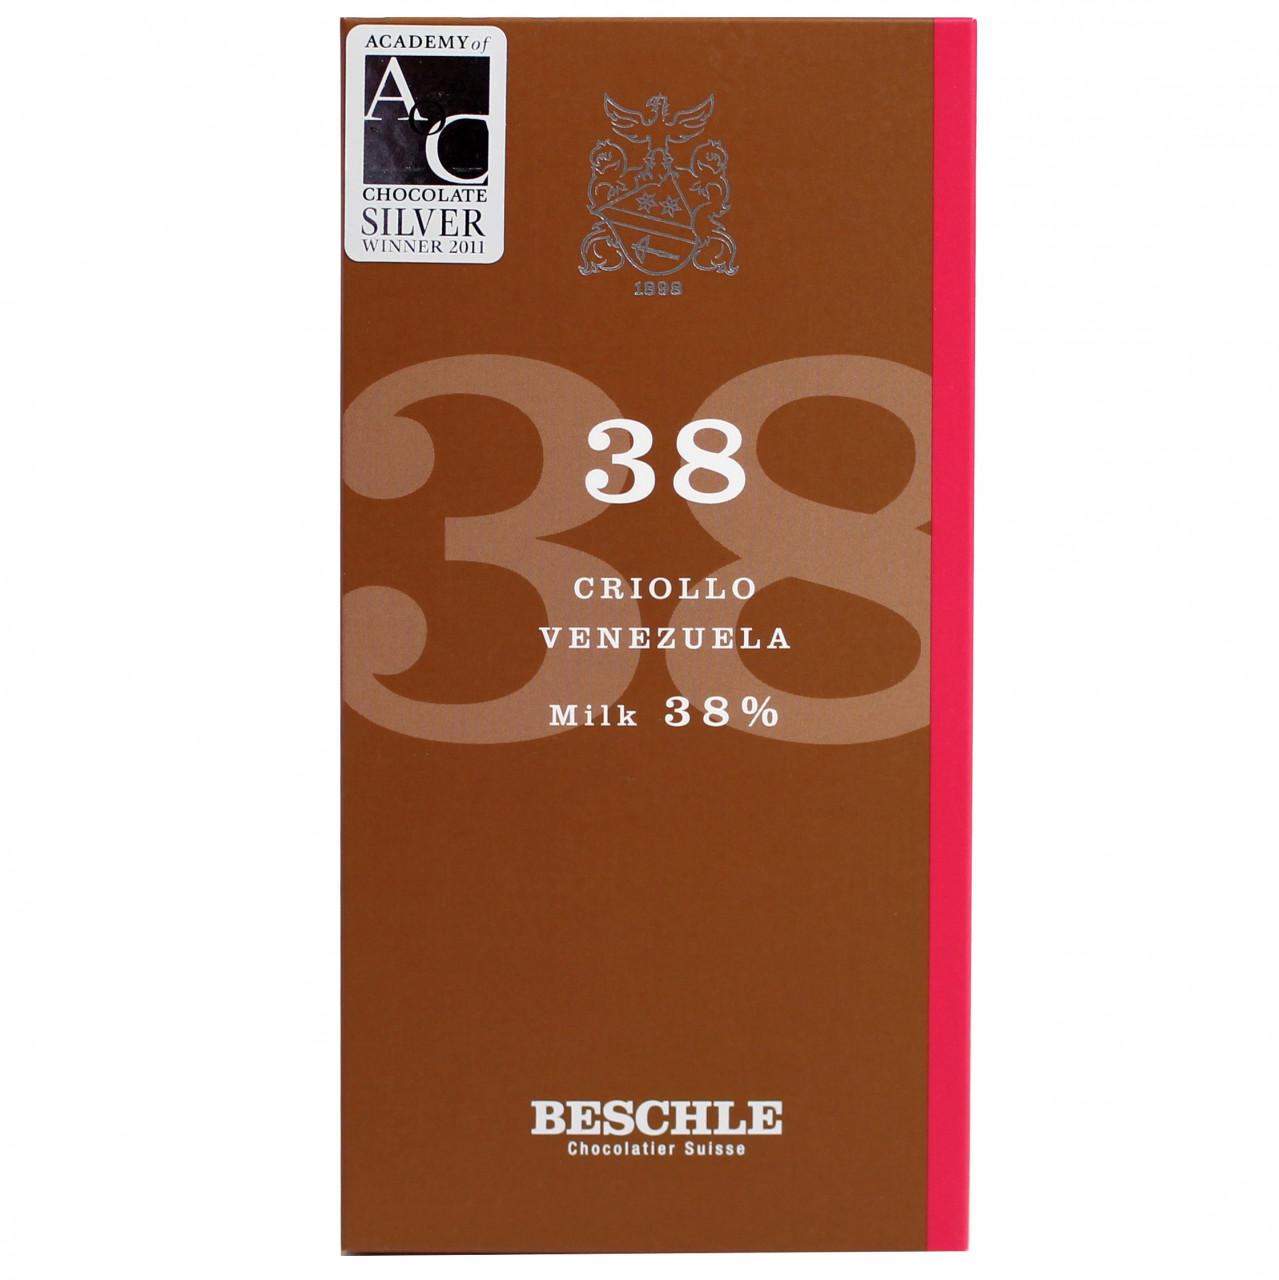 Beschle, Schweizer Schokolade, Grand Cru, Milchschokolade, milk chocolate, chocolat au lait                                                                                                              -  - Chocolats-De-Luxe